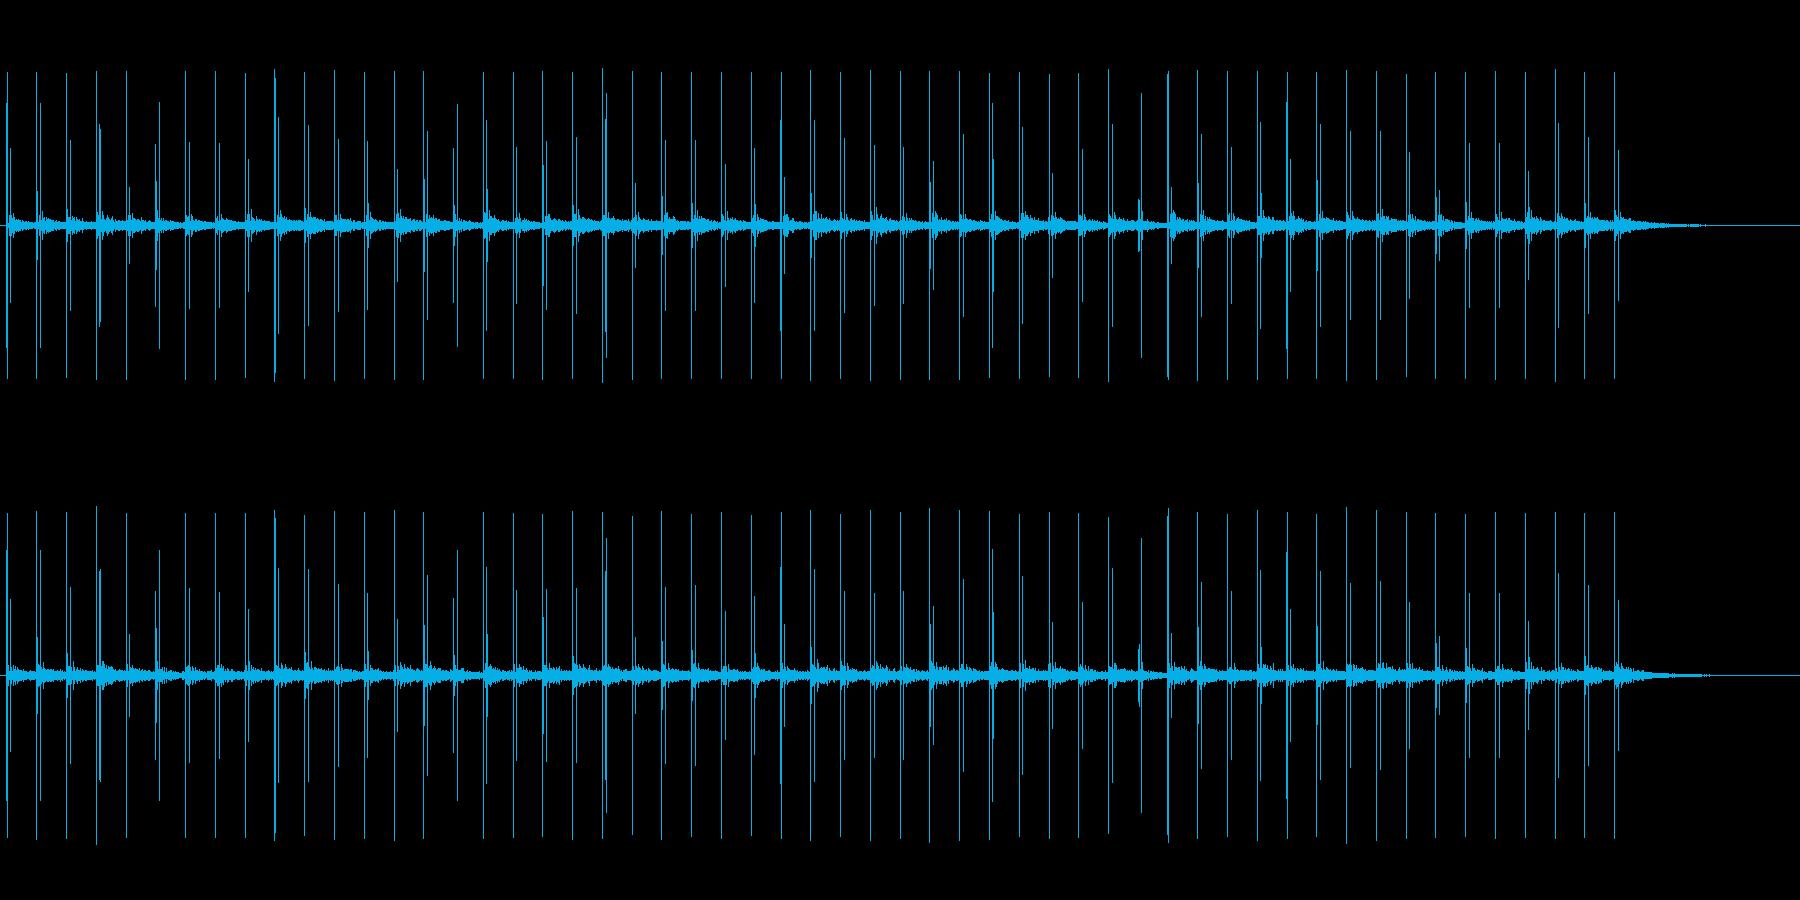 反響音のある、革靴で歩く音の再生済みの波形